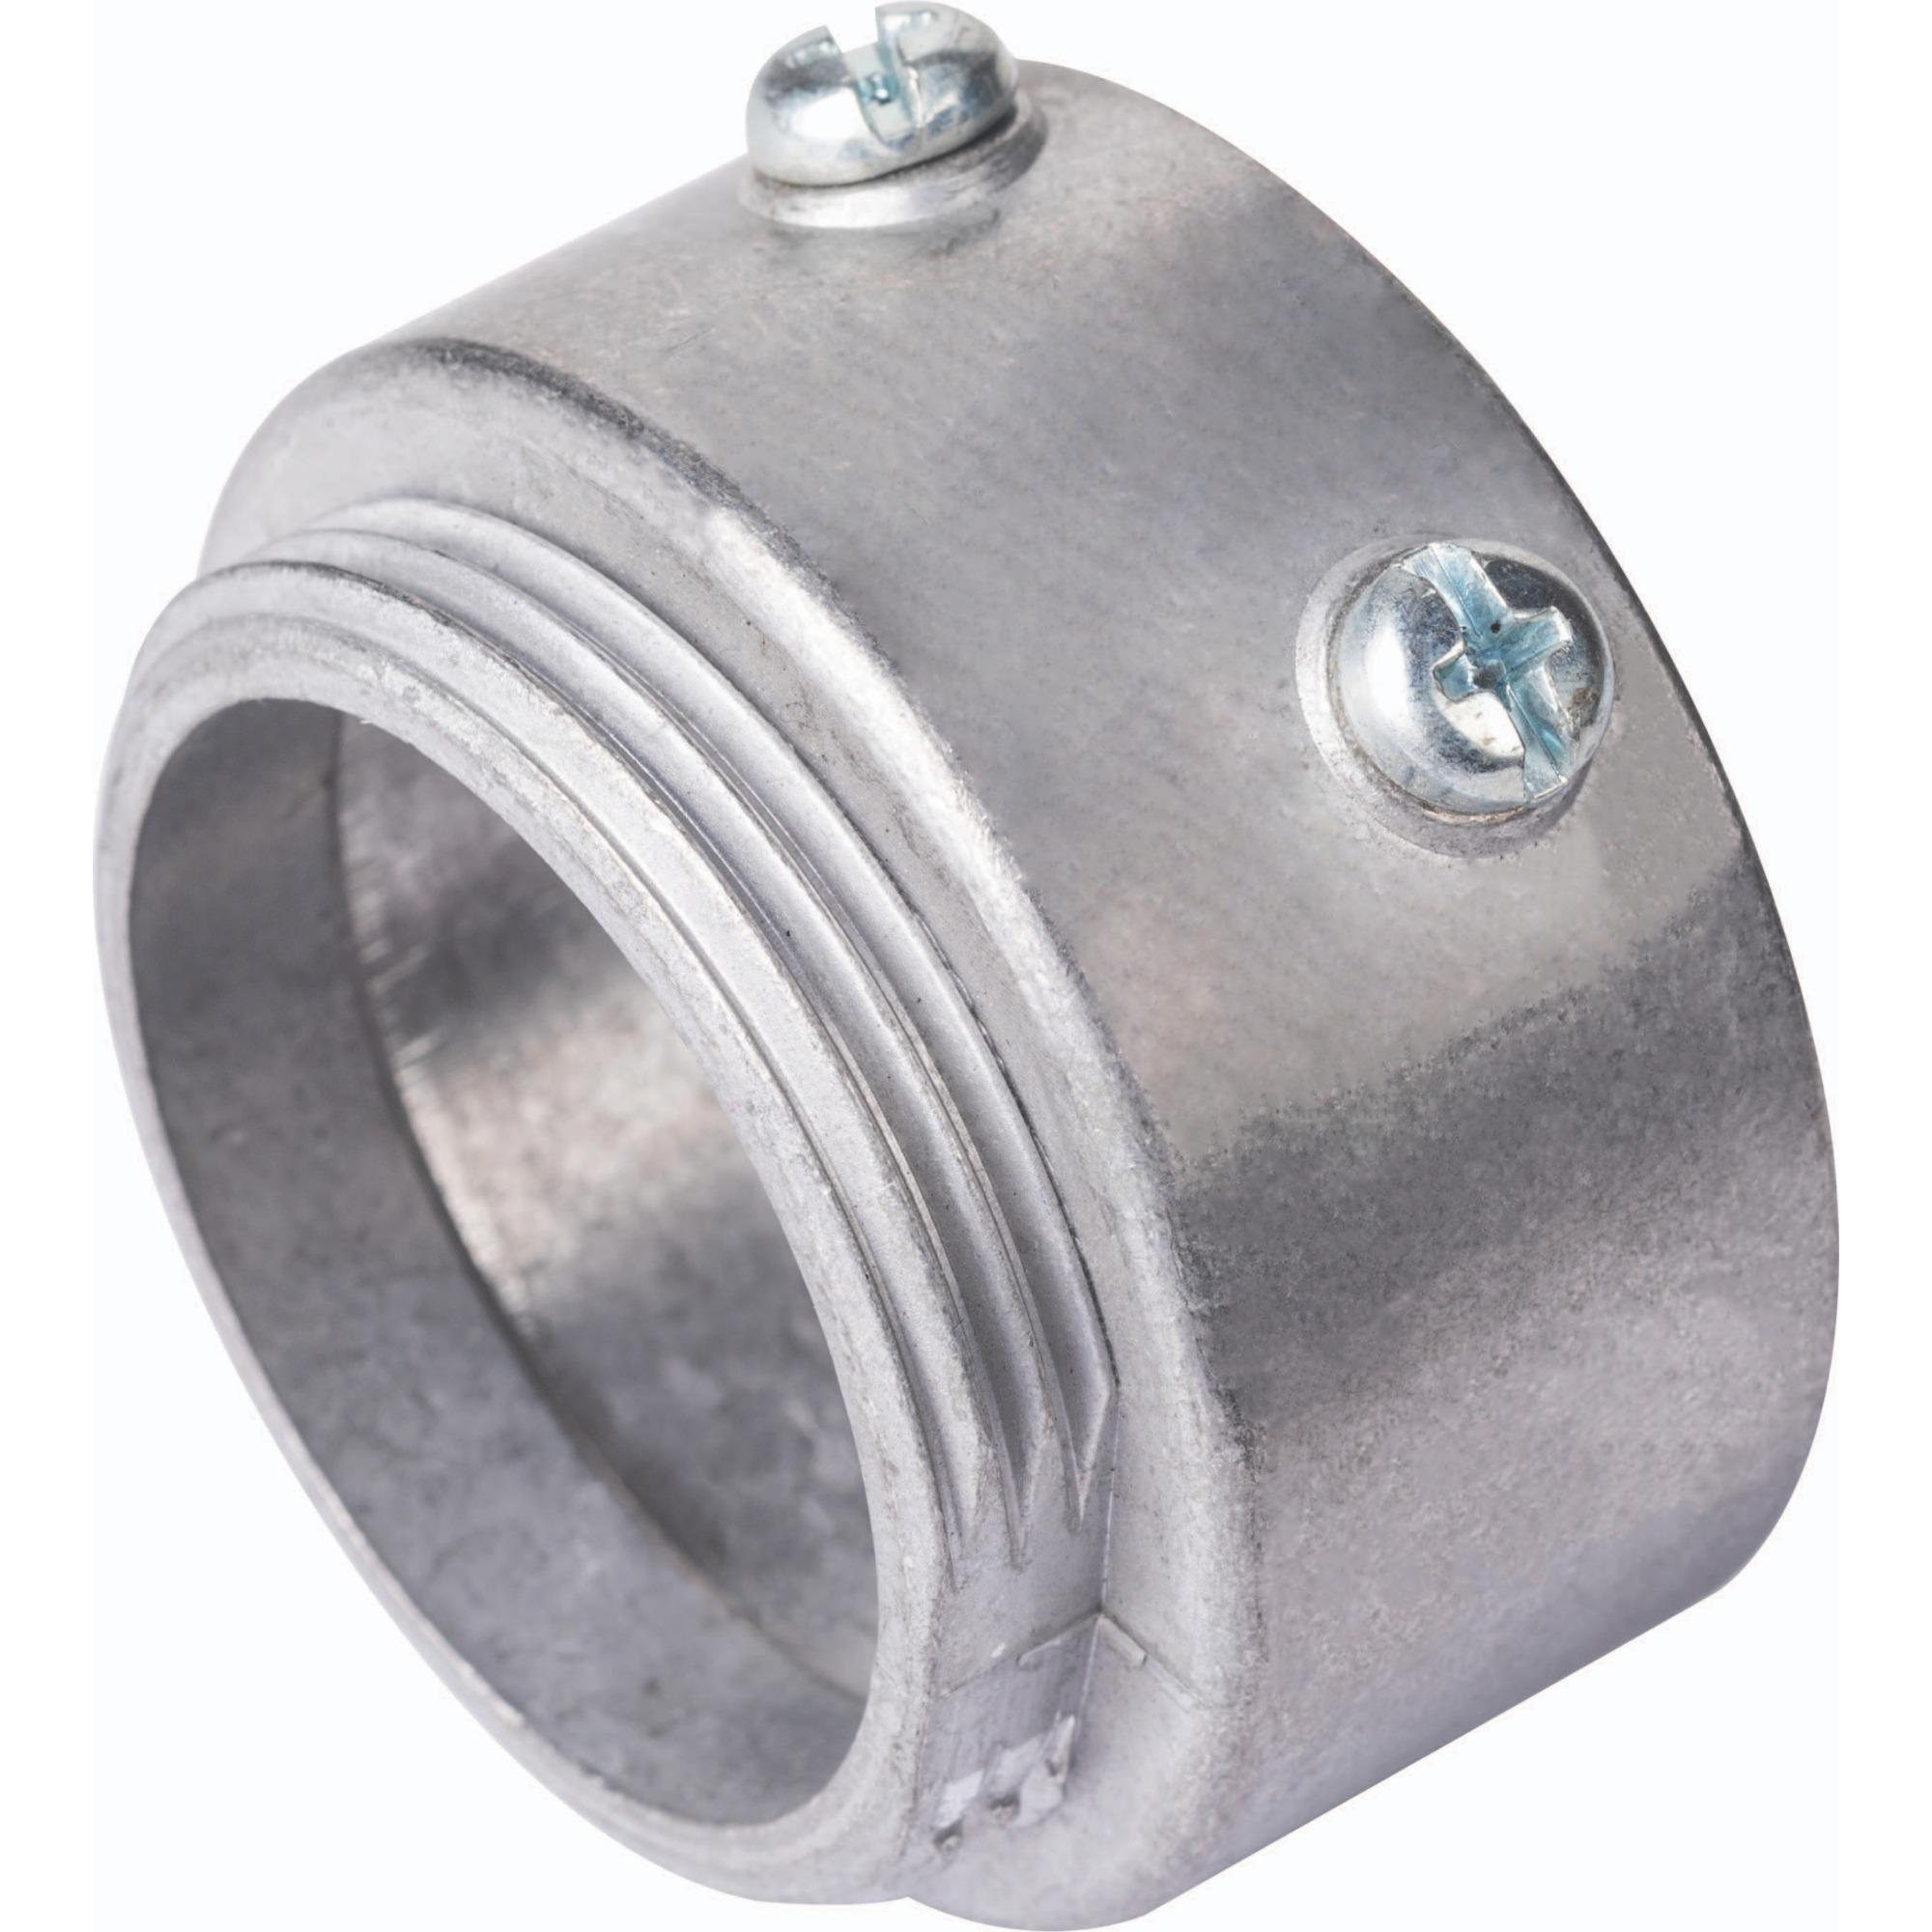 Adaptador de Aluminio para Caixa Eletrica 2 - 56251056 - Tramontina